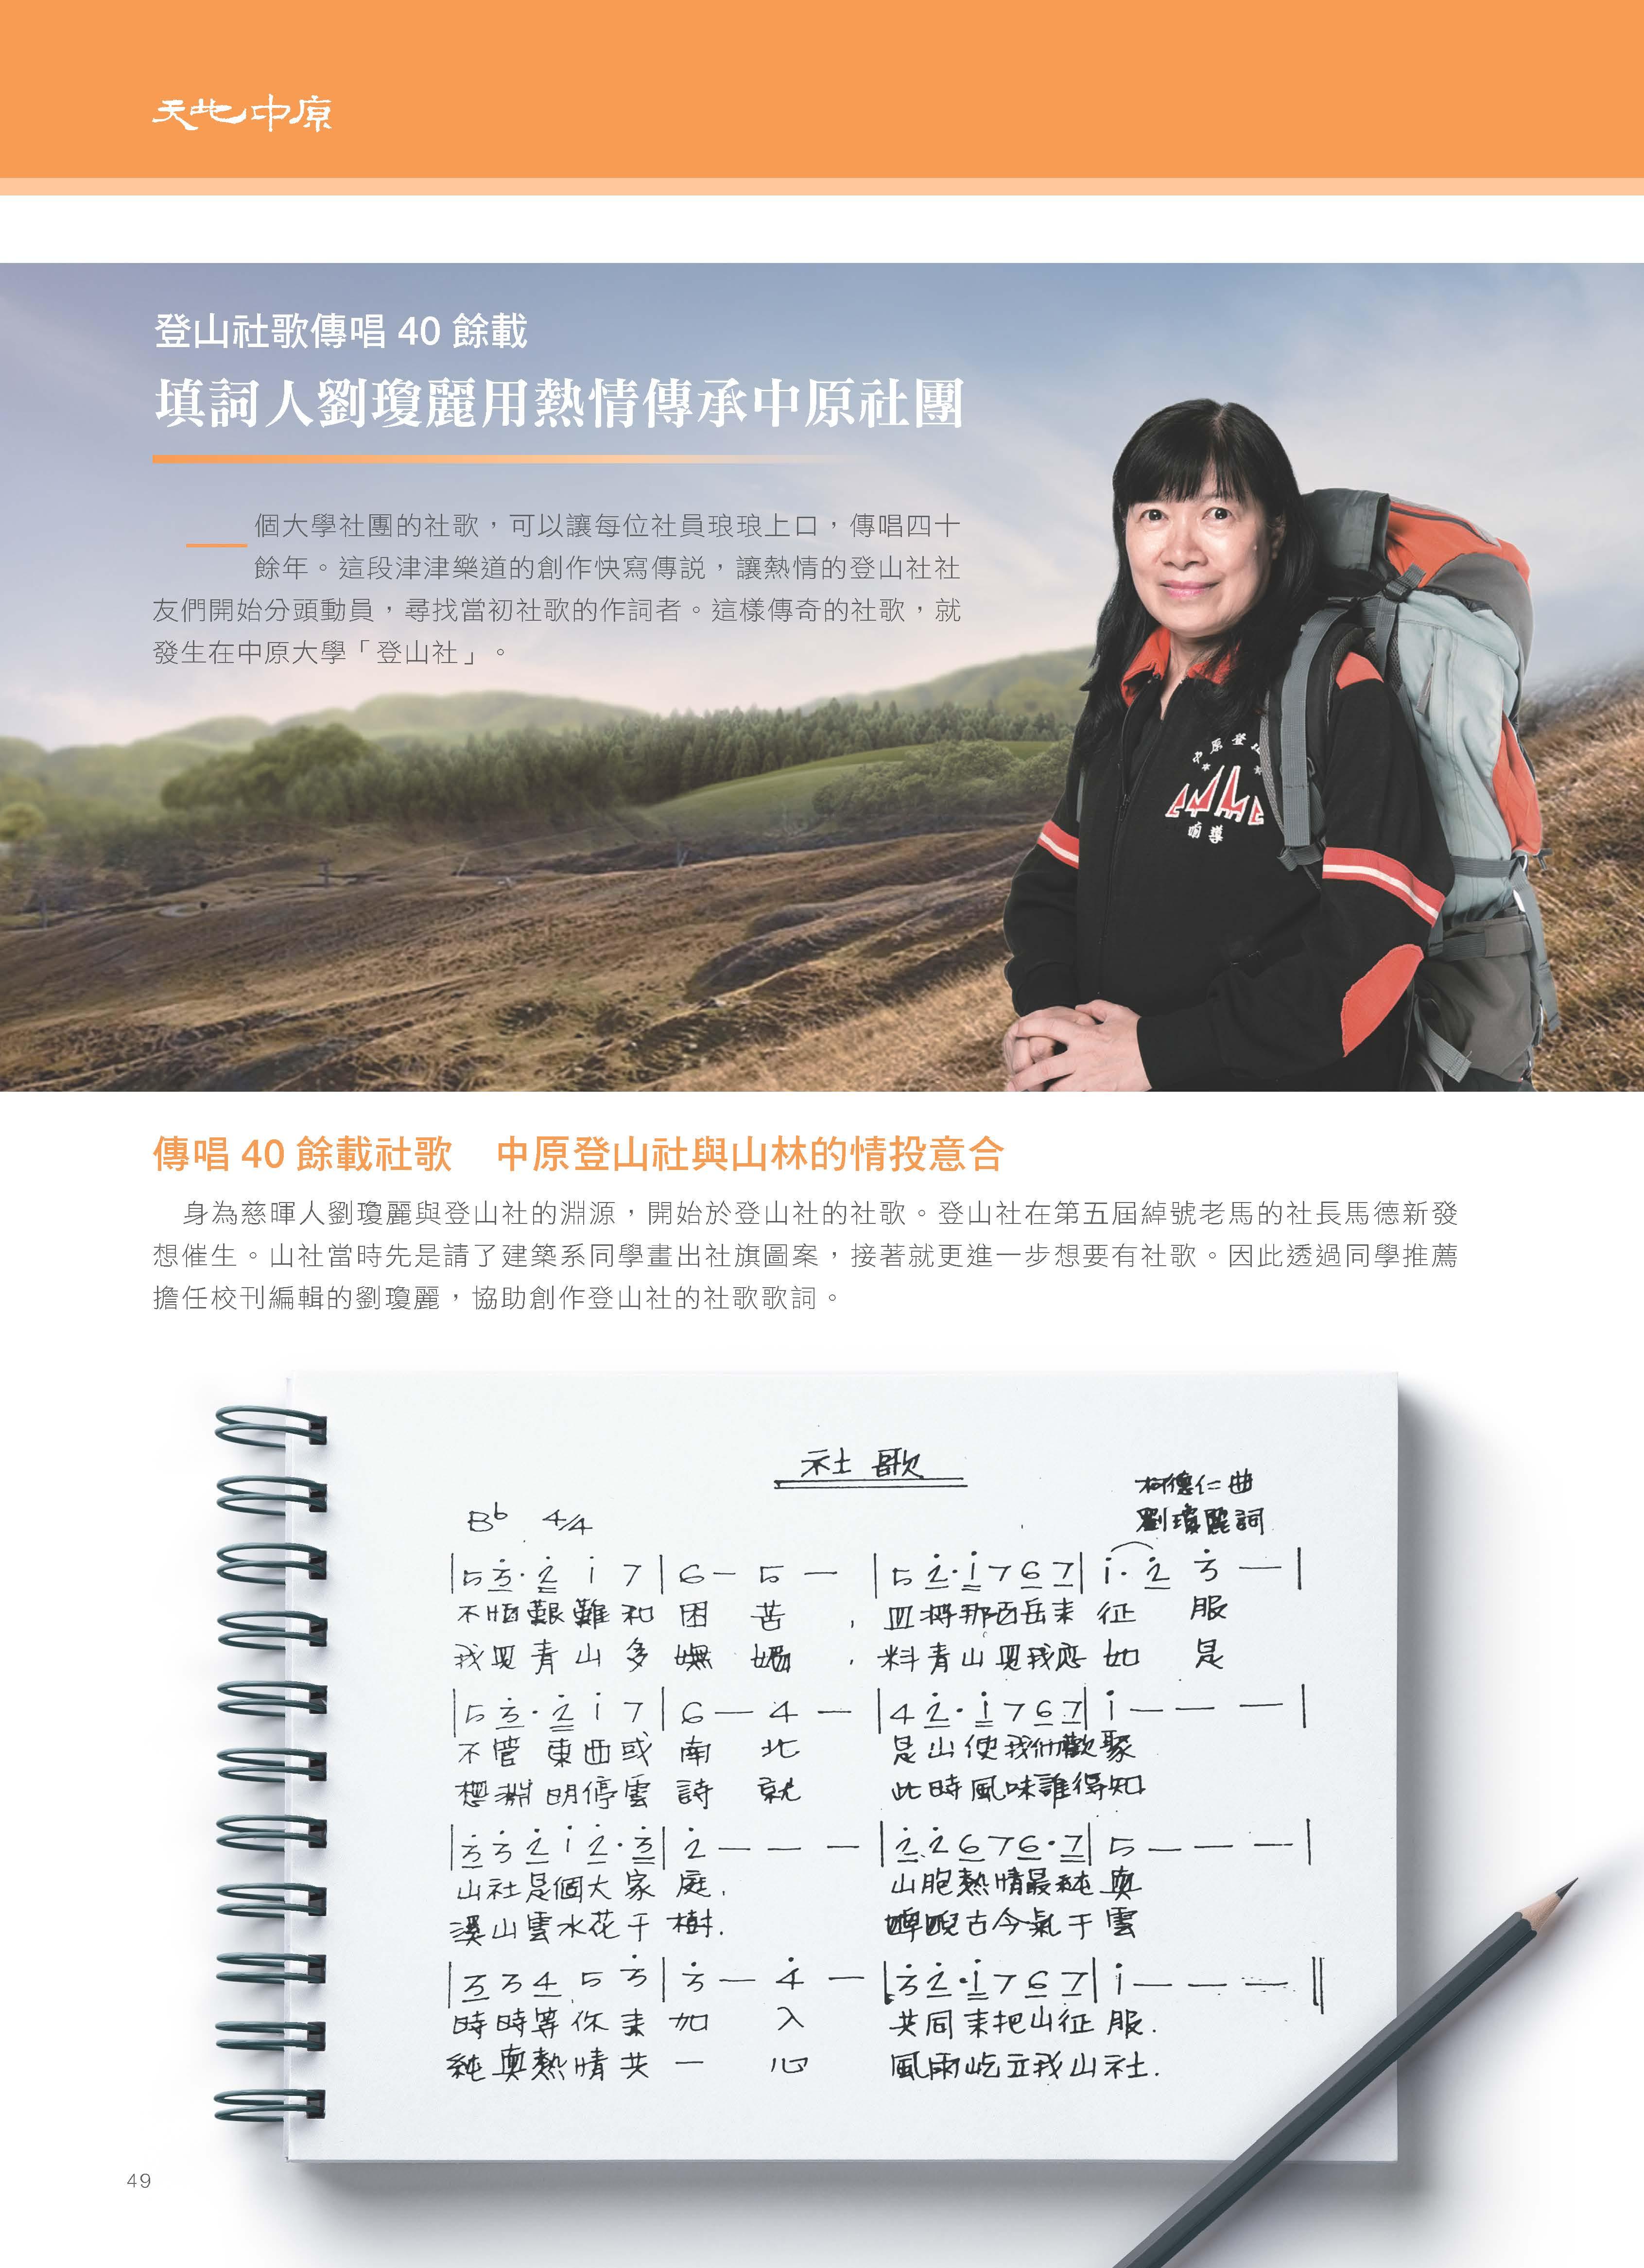 登山社歌傳唱40餘載 填詞人劉瓊麗用熱情傳承中原社團